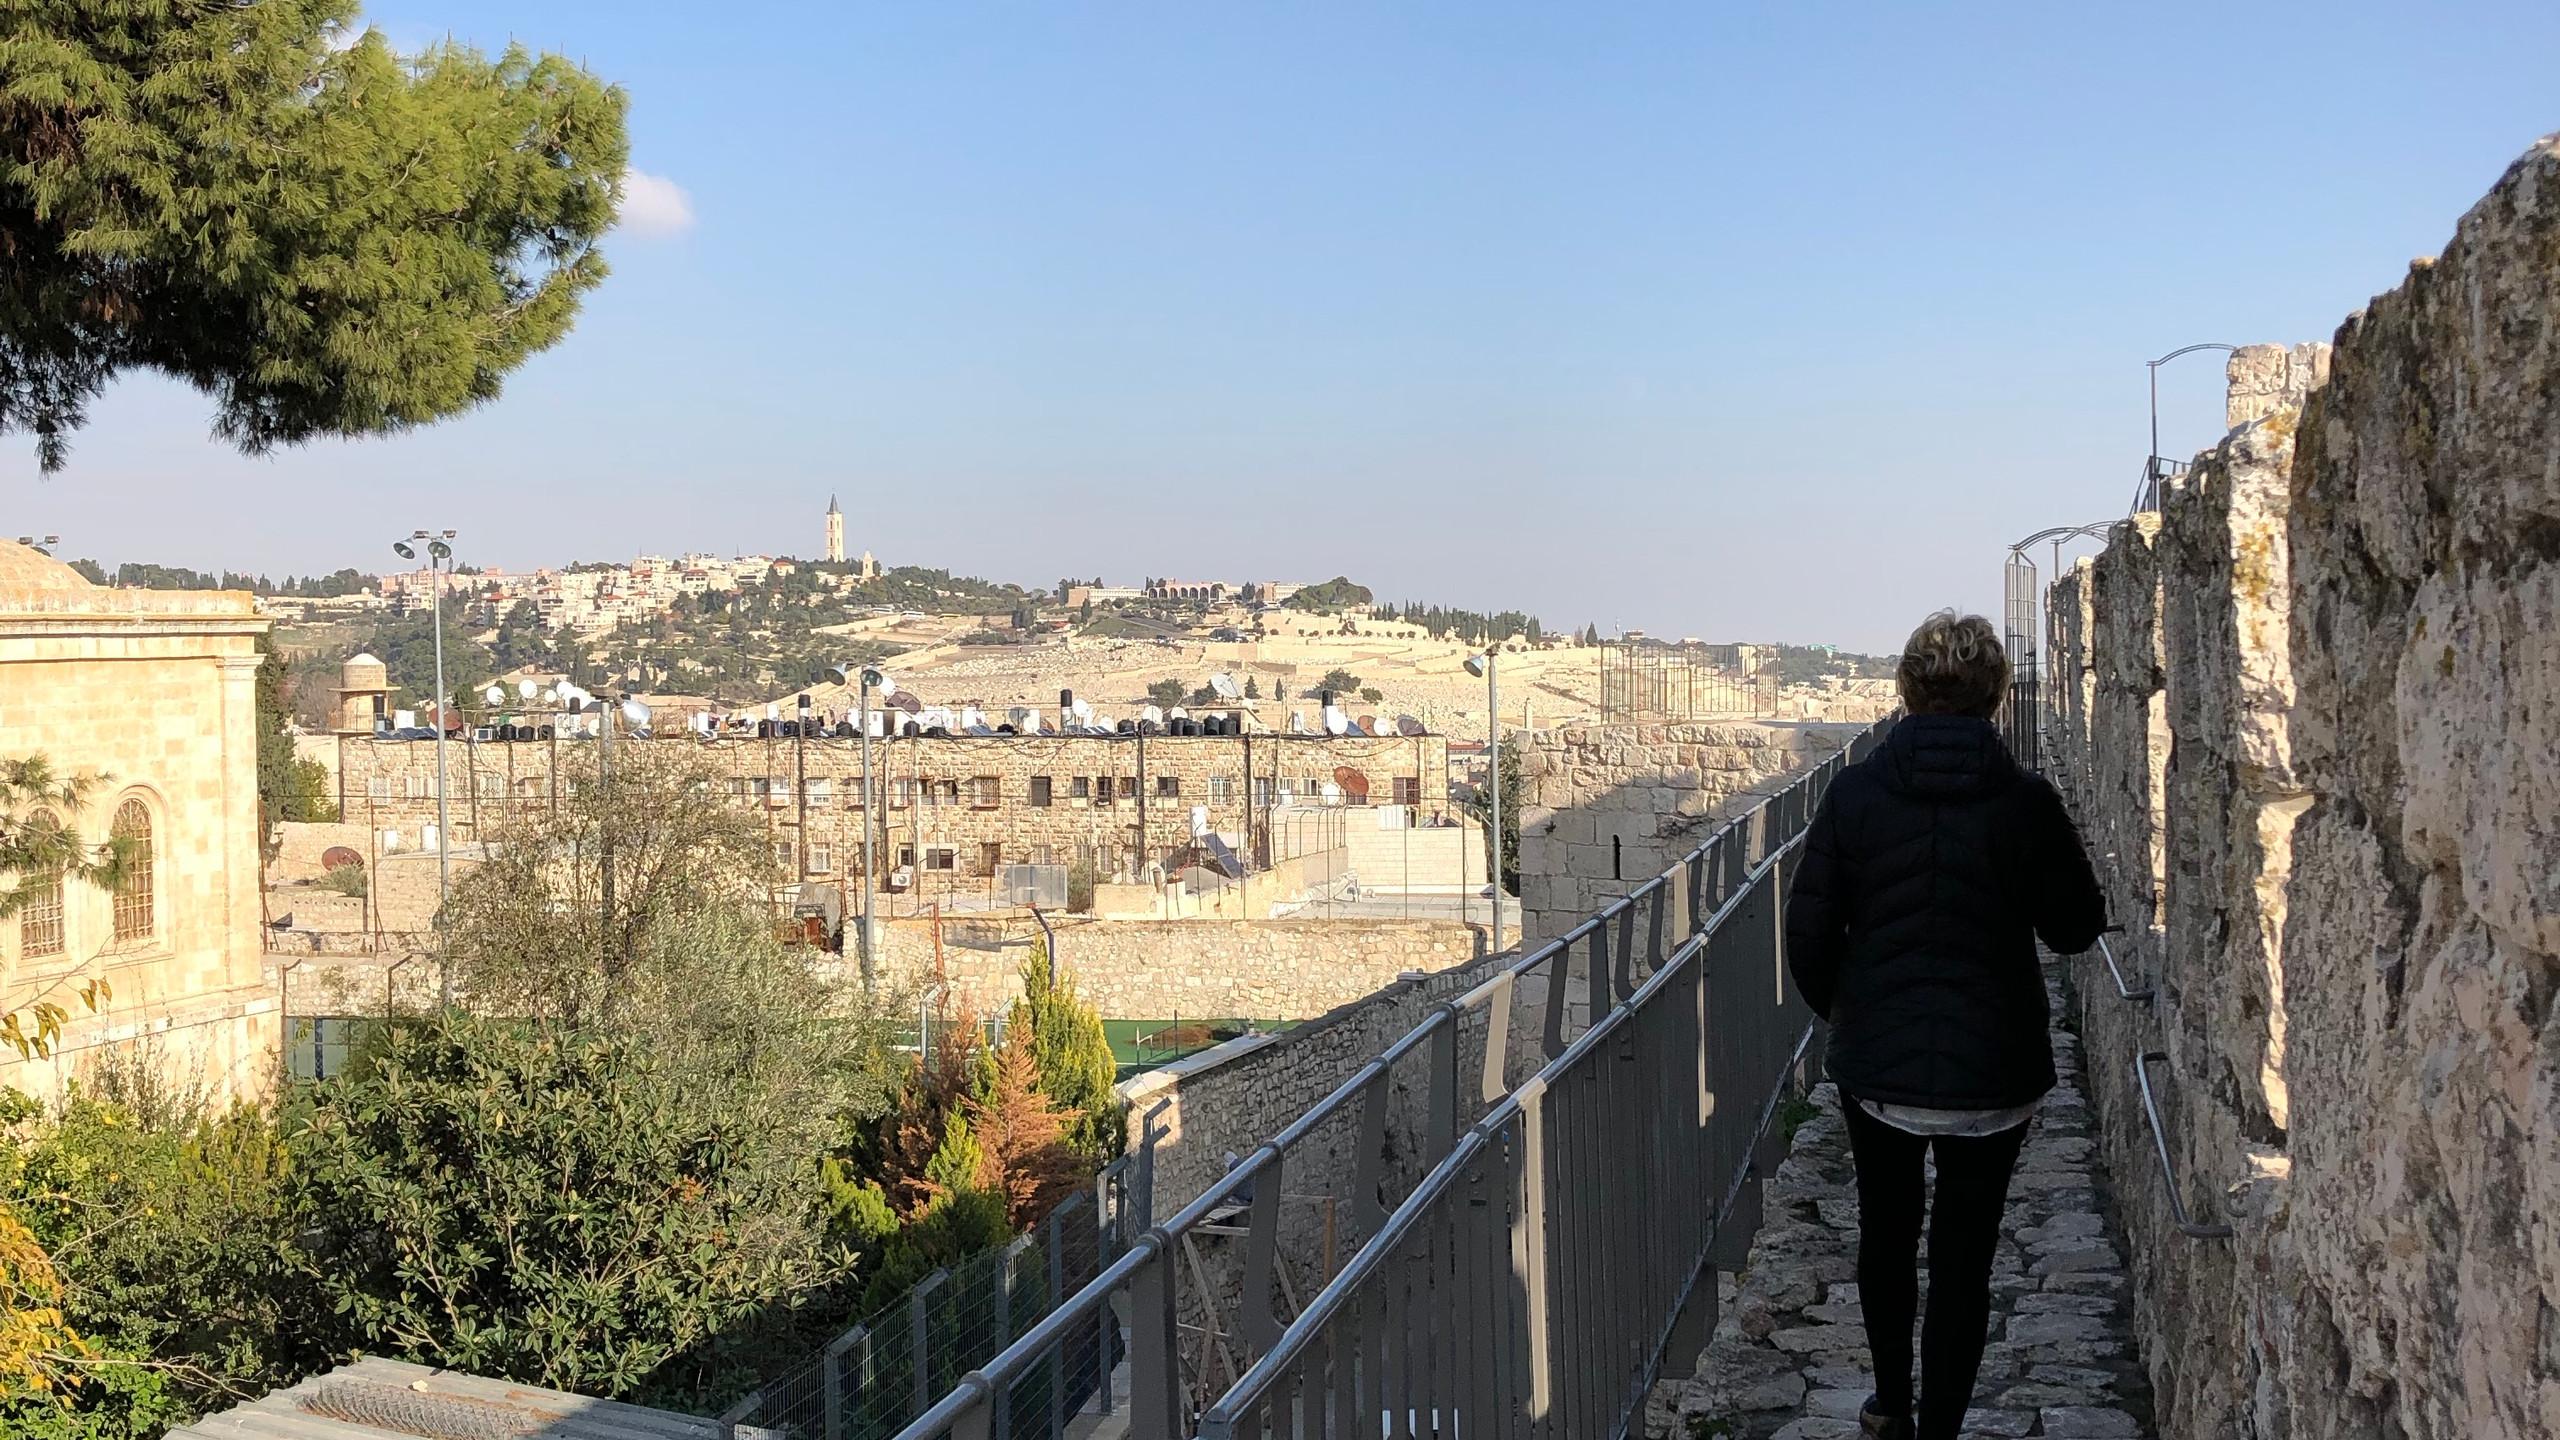 More City Walls